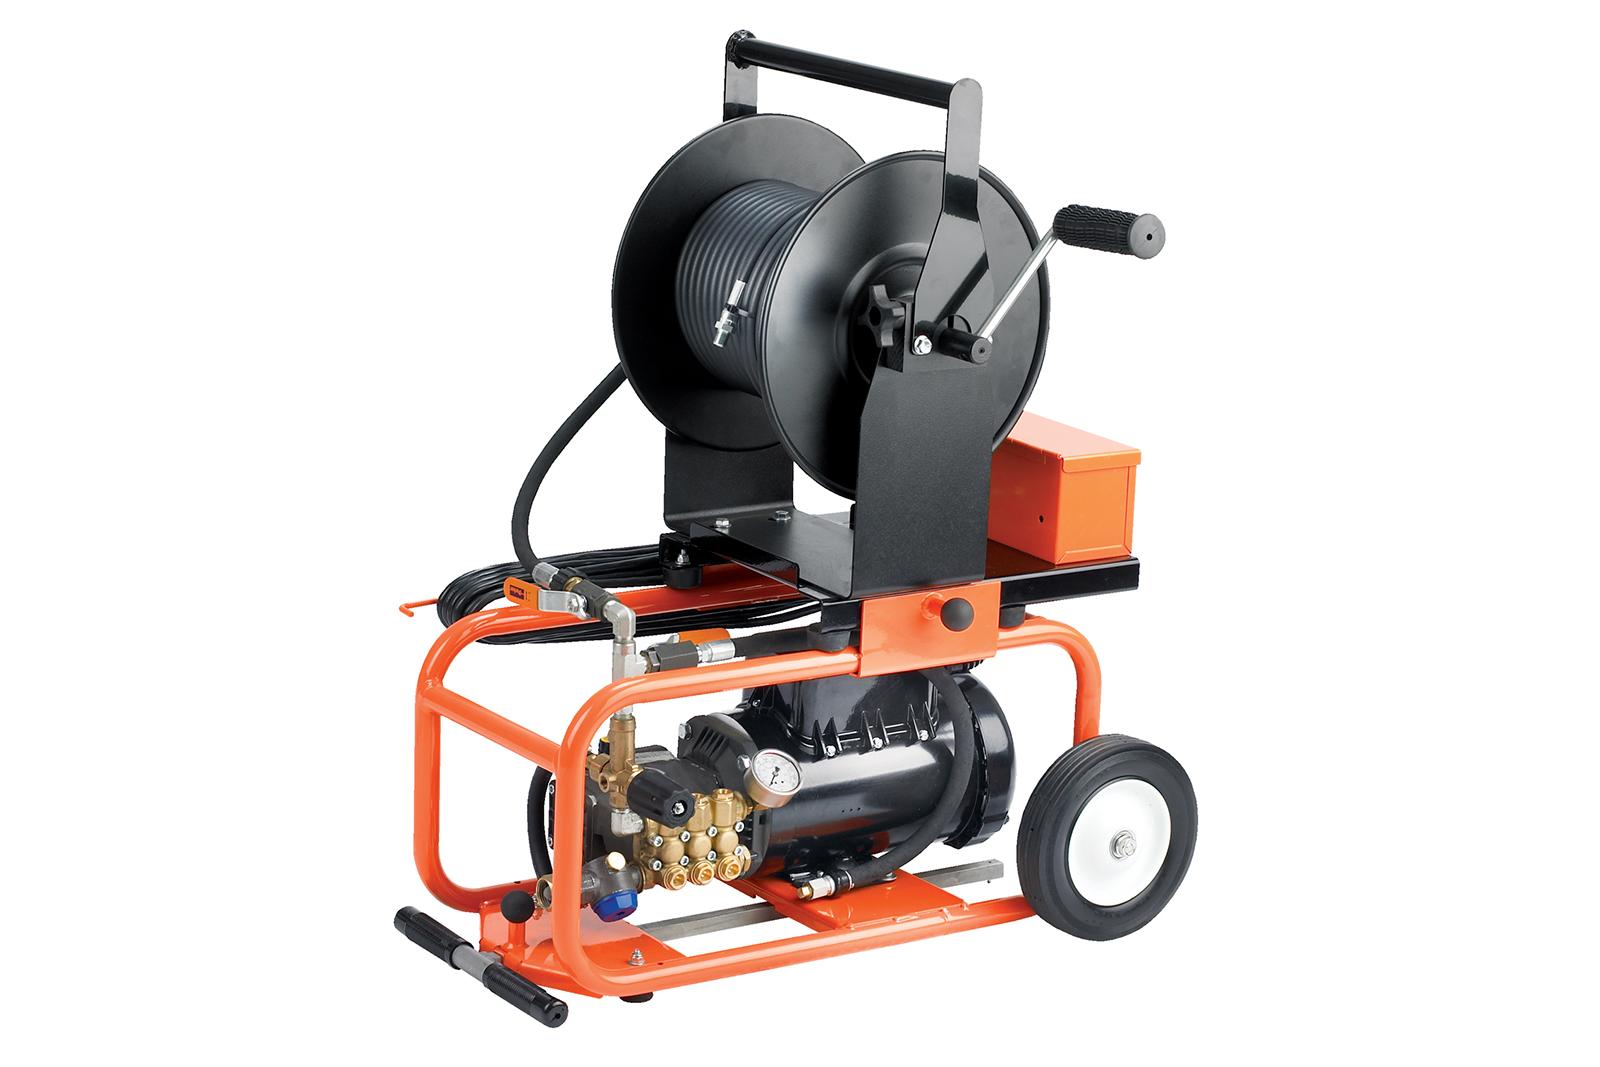 Прочистная машина General pipe M-1450 jm-1450-c прочистная машина посейдон вна б 210 10а